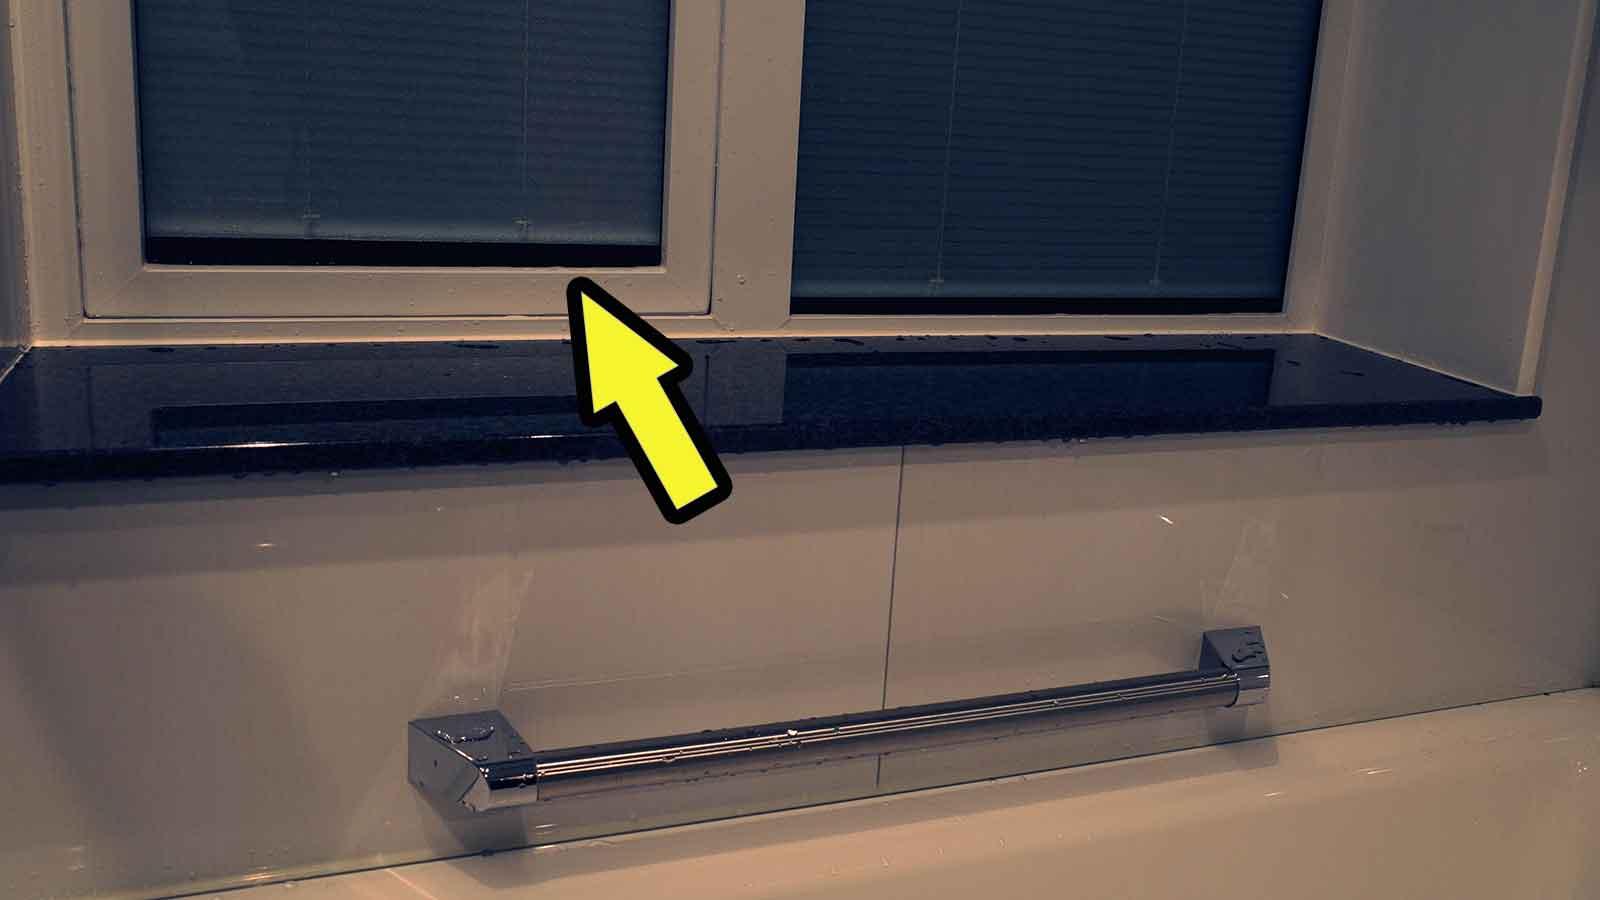 ブラインド機能付きの窓